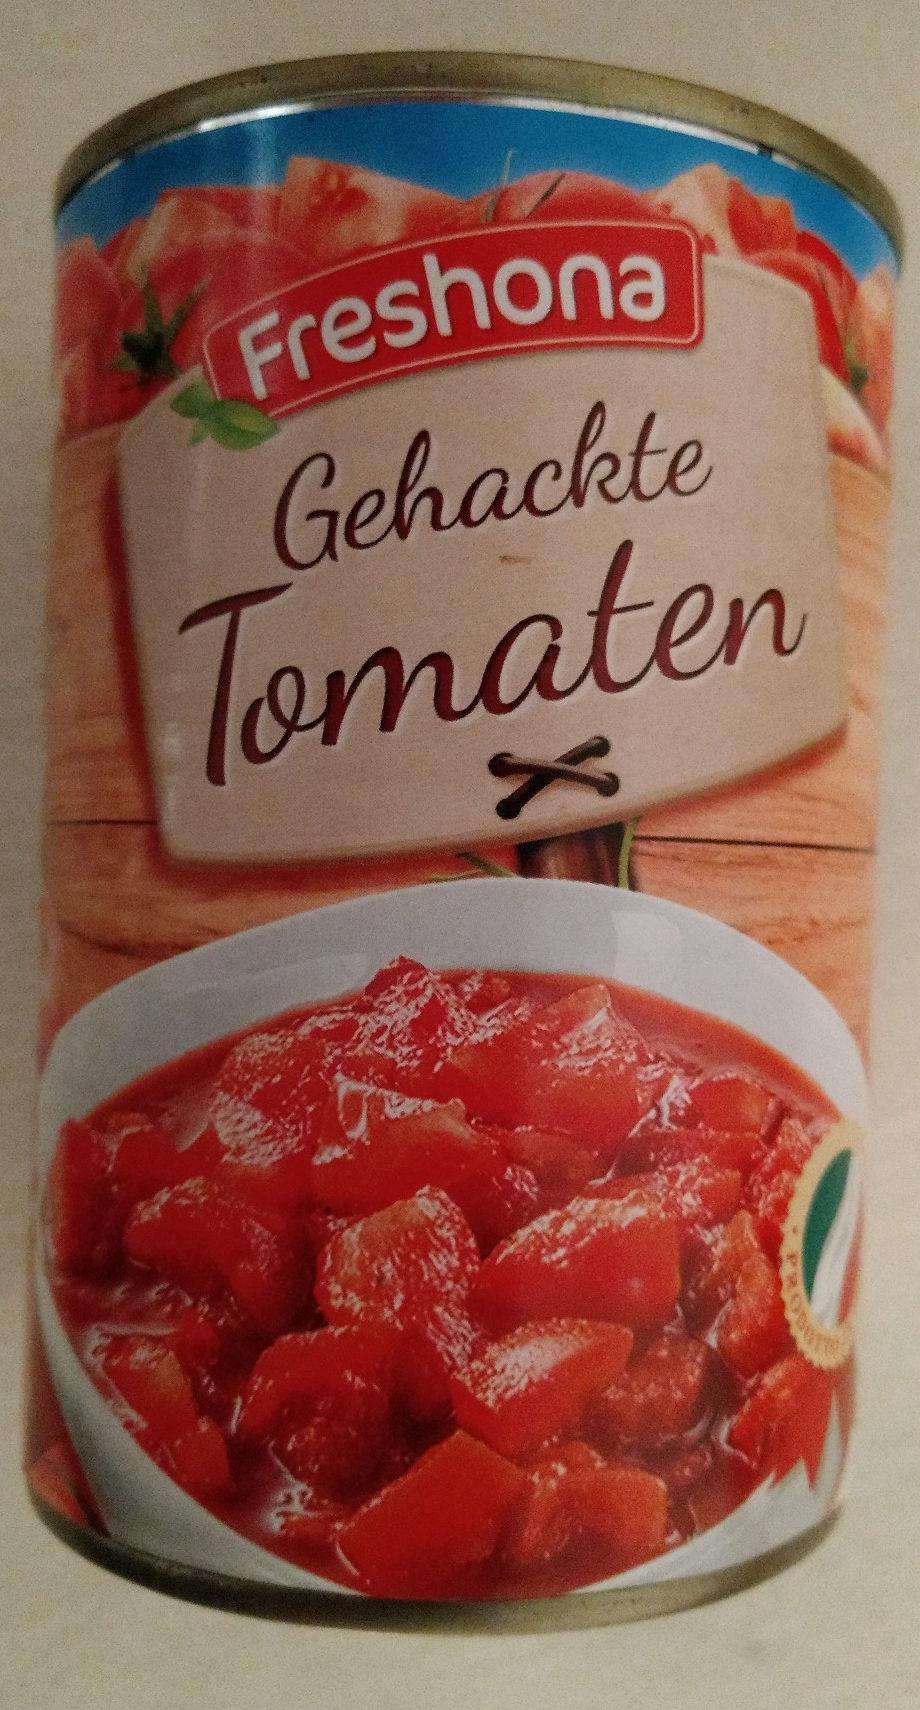 Gehackte Tomaten - Produkt - de